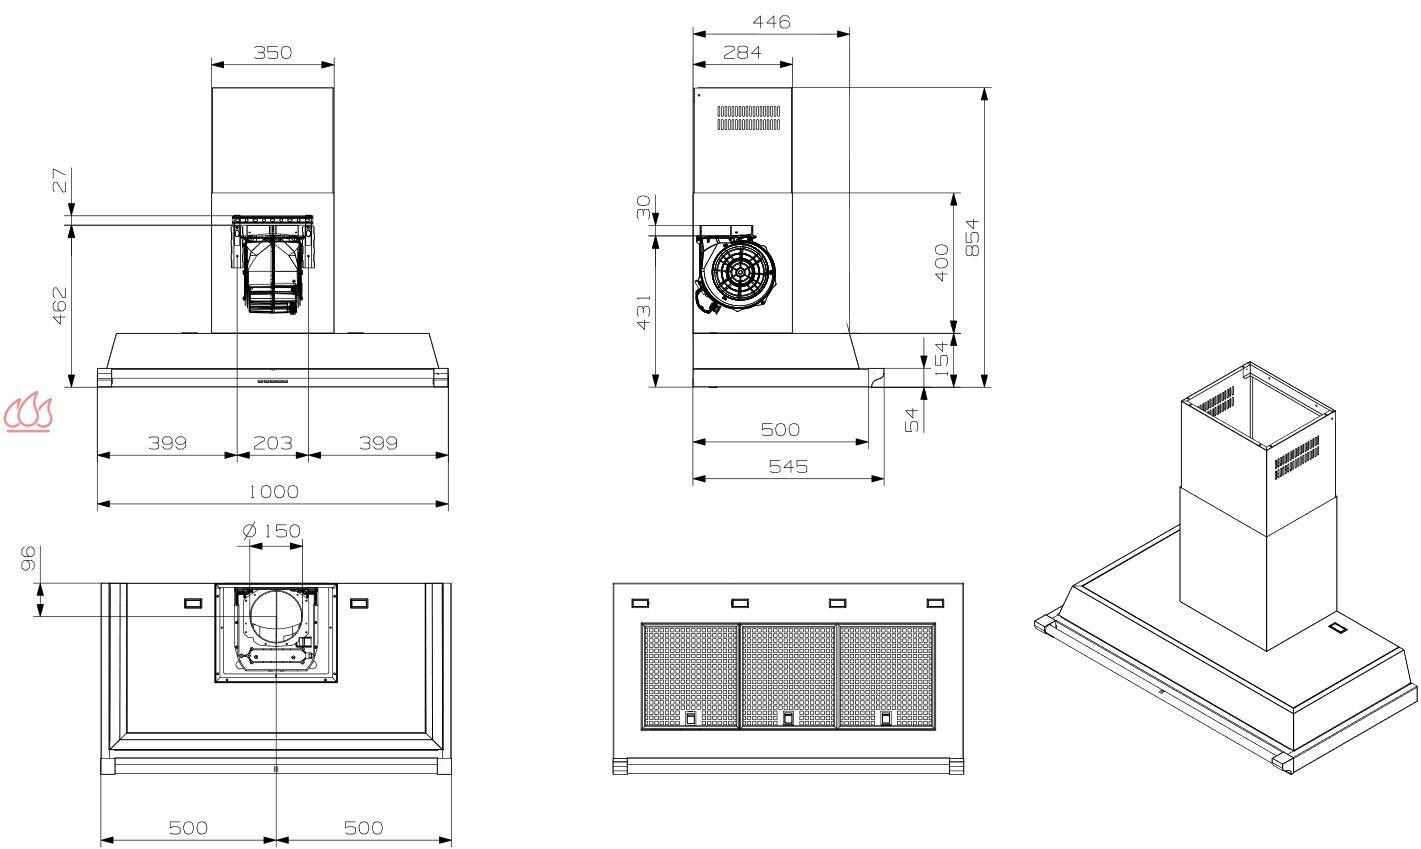 hotte d corative murale avec clairage led ajustable en hauteur steel cucine ec ste413 mon. Black Bedroom Furniture Sets. Home Design Ideas